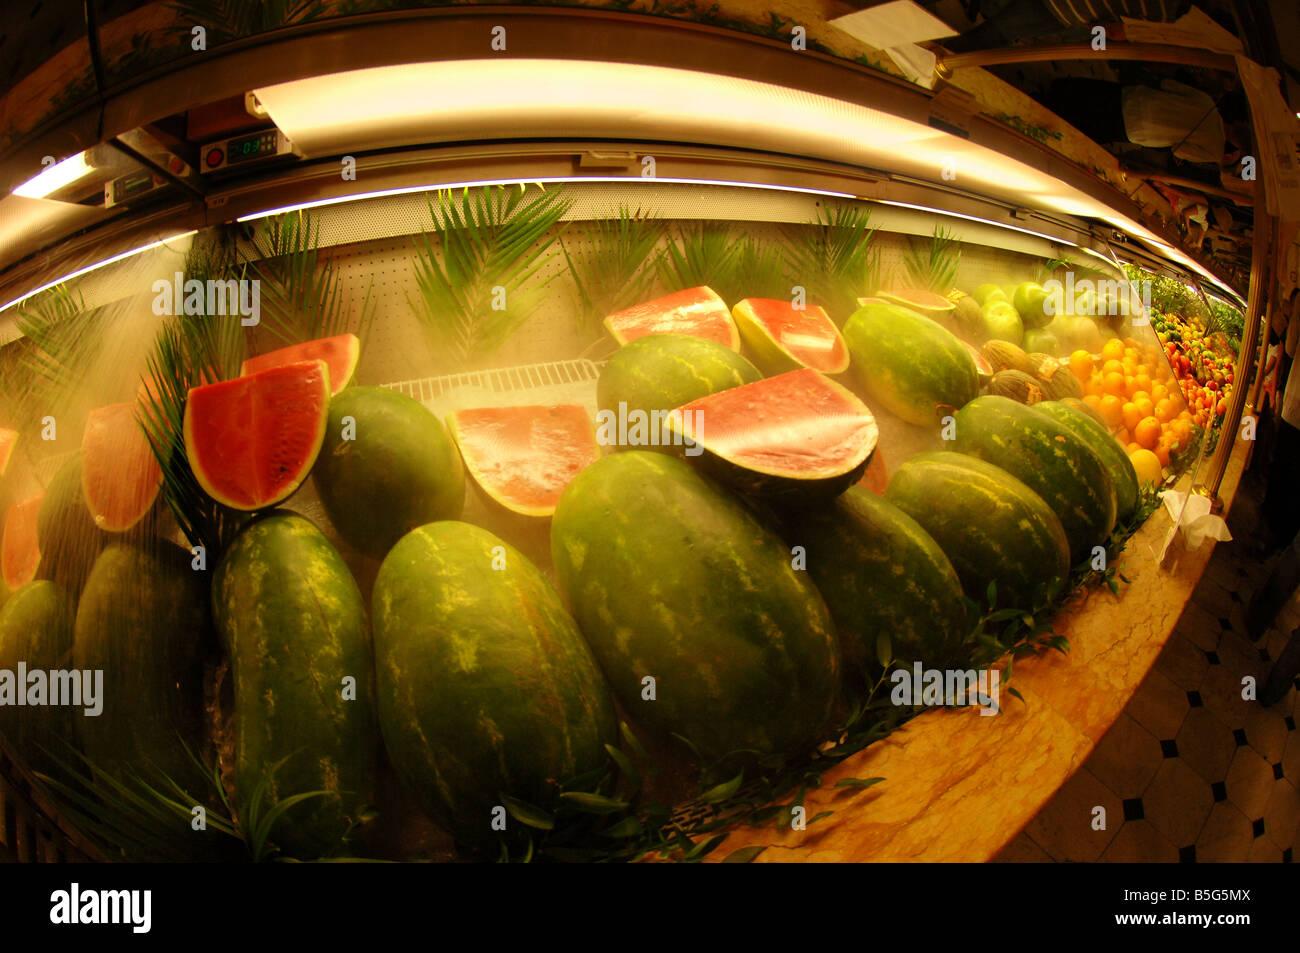 Harrod s Shopping Center London Groß Britannien 2008 Harrod s Shopping Center London Great Britain 2008 - Stock Image